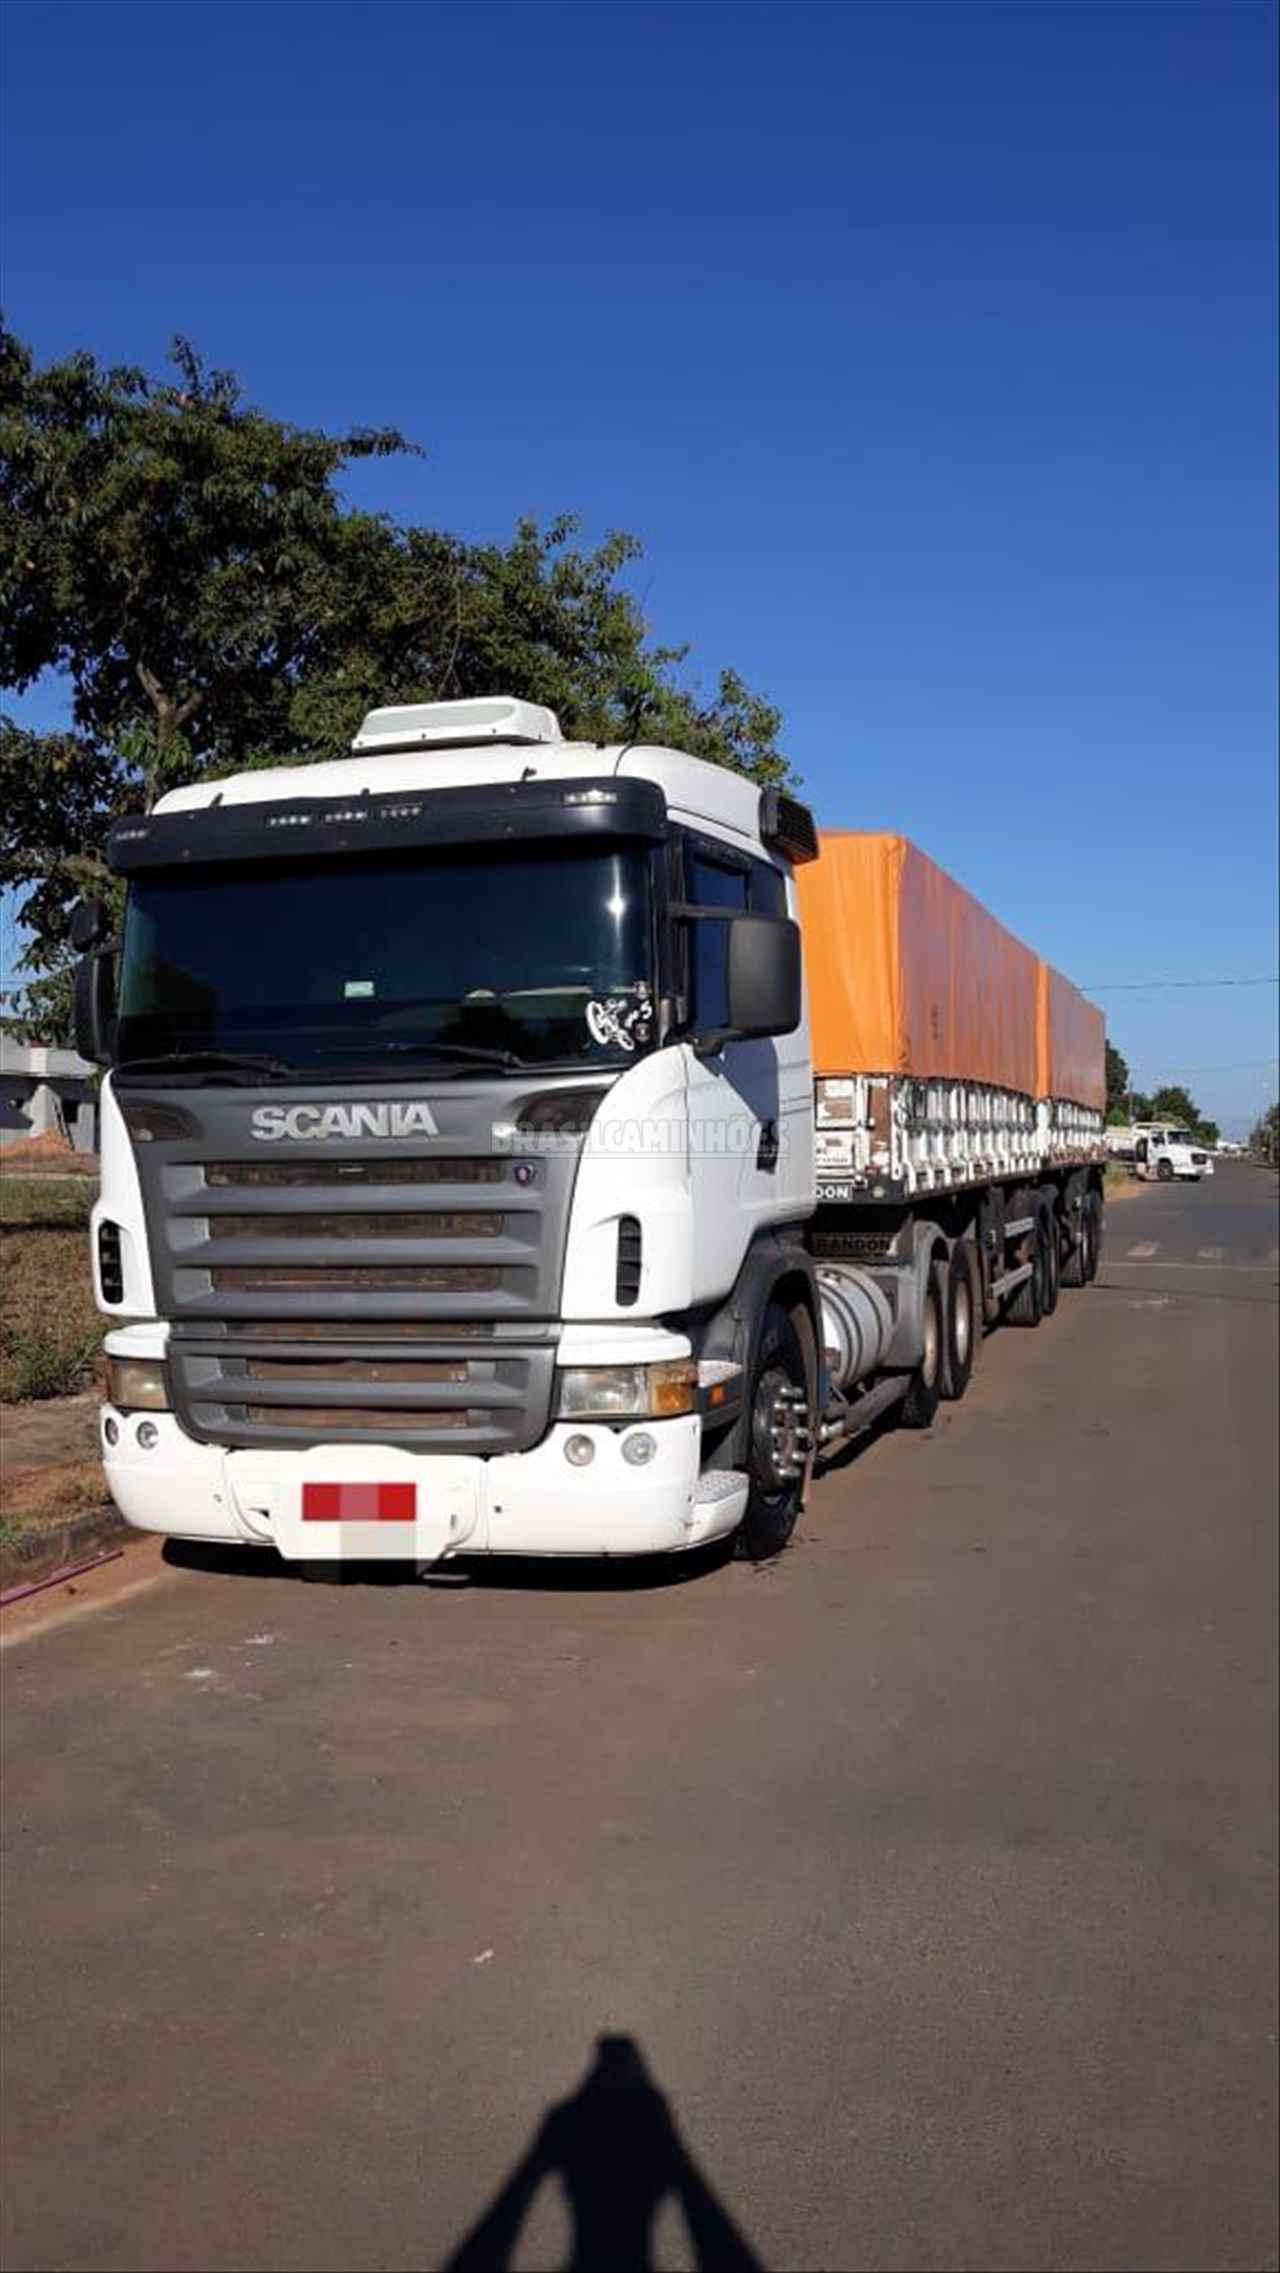 CAMINHAO SCANIA SCANIA 420 Carga Seca Truck 6x2 Brasil Caminhões Sinop SINOP MATO GROSSO MT